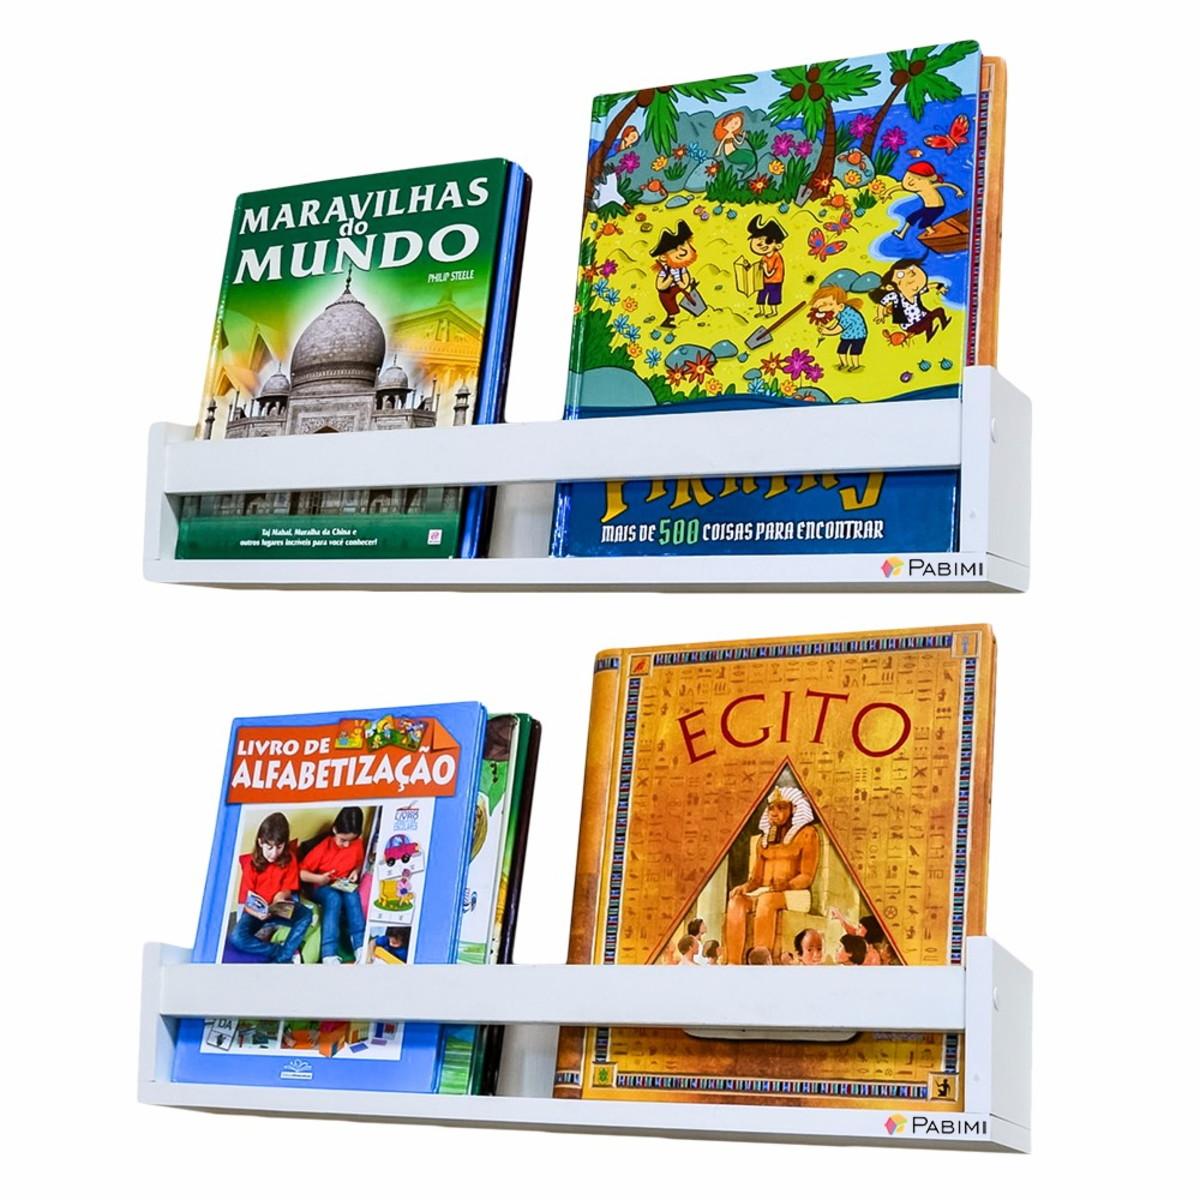 Prateleira Porta Livros 60 Cm C 2 Pabimi Elo7 ~ Prateleira Em Quarto Infantil E Parede De Pvc Para Quarto